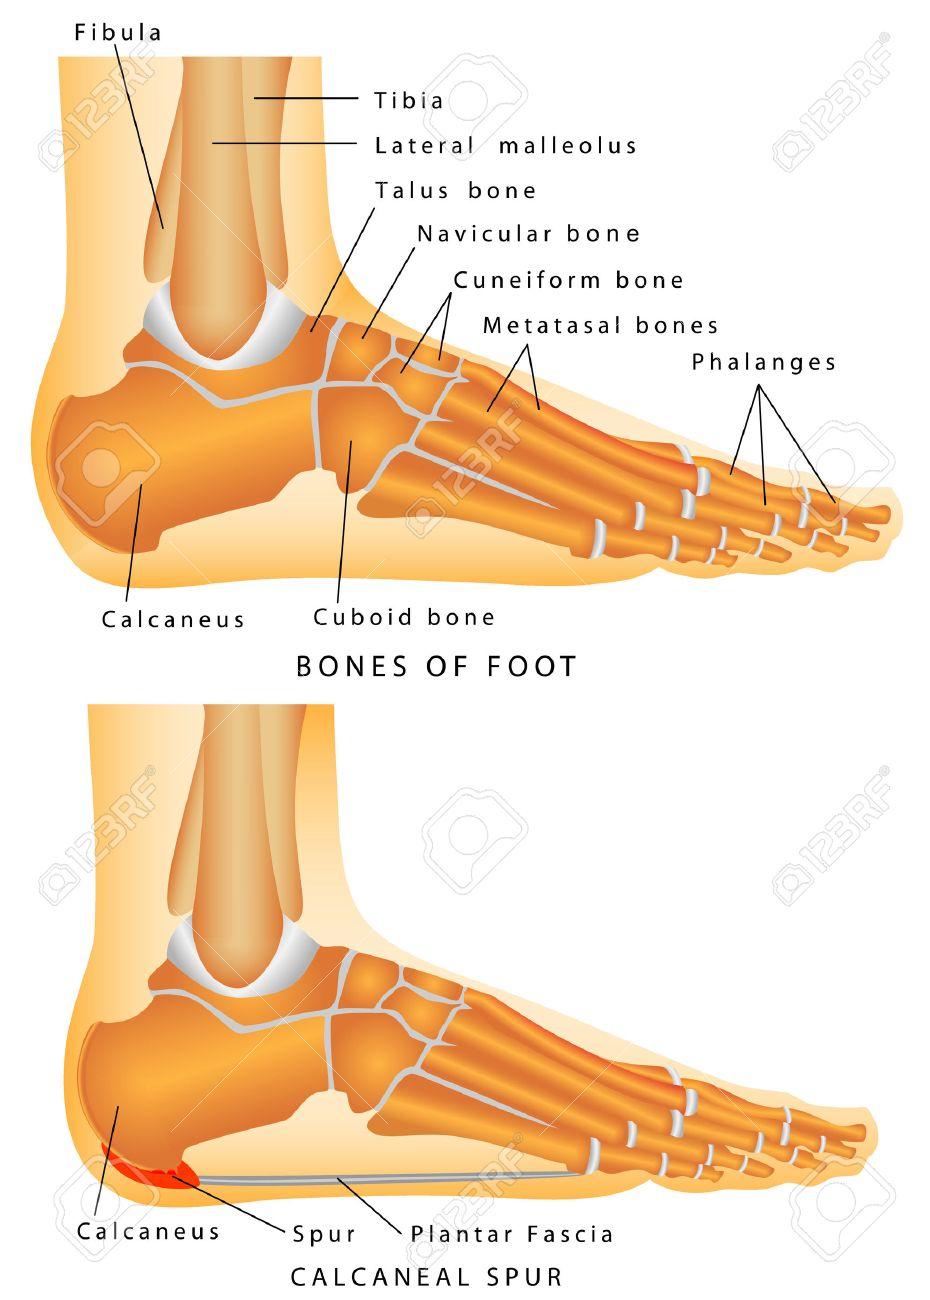 Anatomie Pied anatomie humaine - les os de la dent de talon pied et la cheville